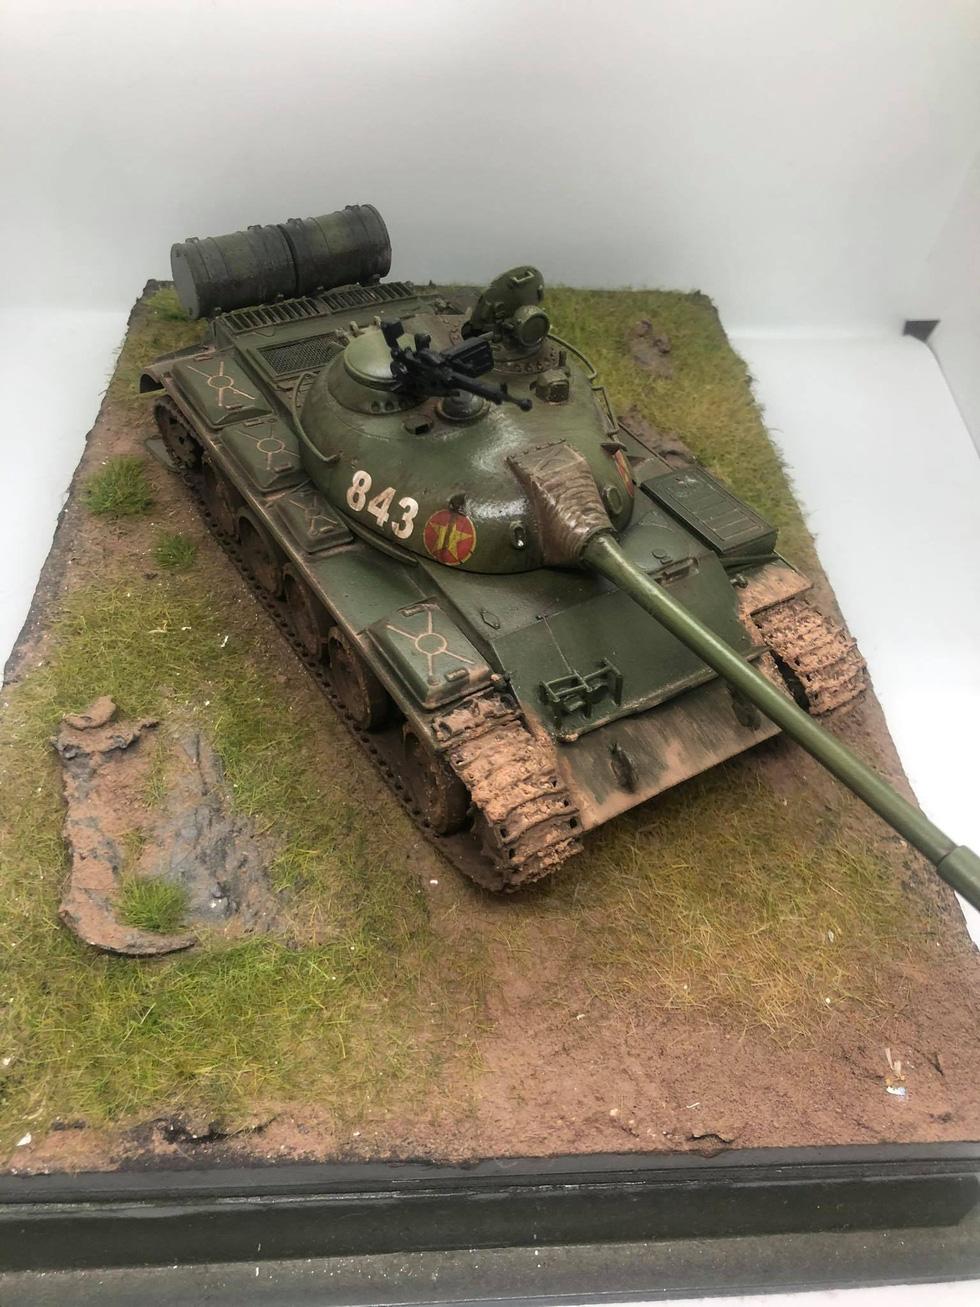 Choáng với mô hình cực kỳ chất mô tả khí tài quân sự tham gia chiến dịch Hồ Chí Minh - Ảnh 3.